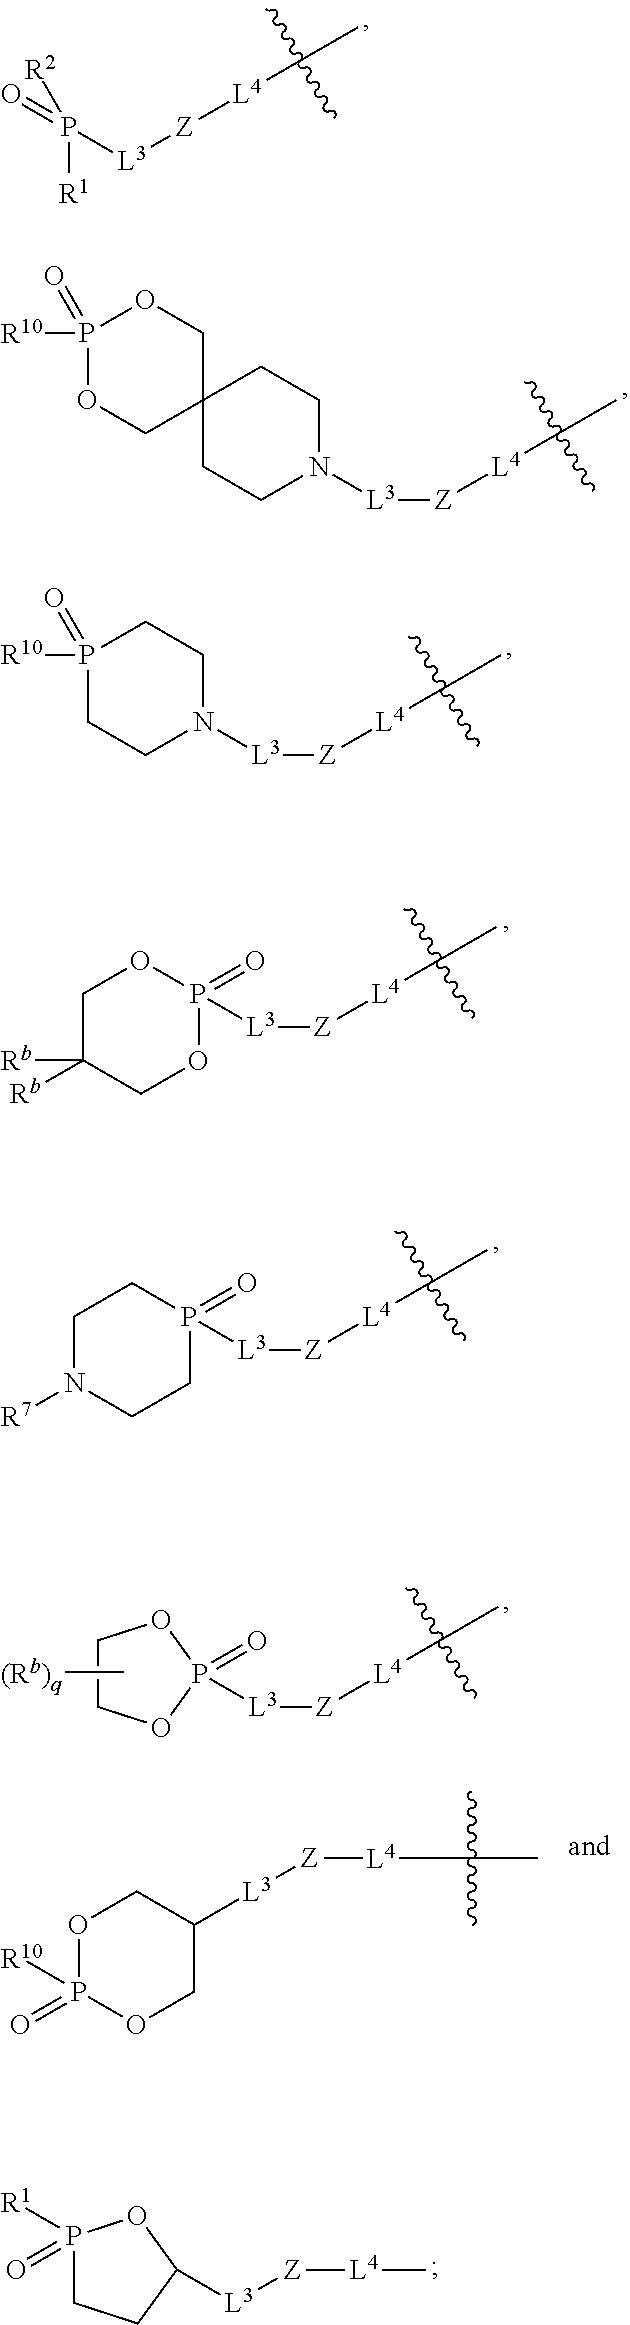 Figure US07981874-20110719-C00004